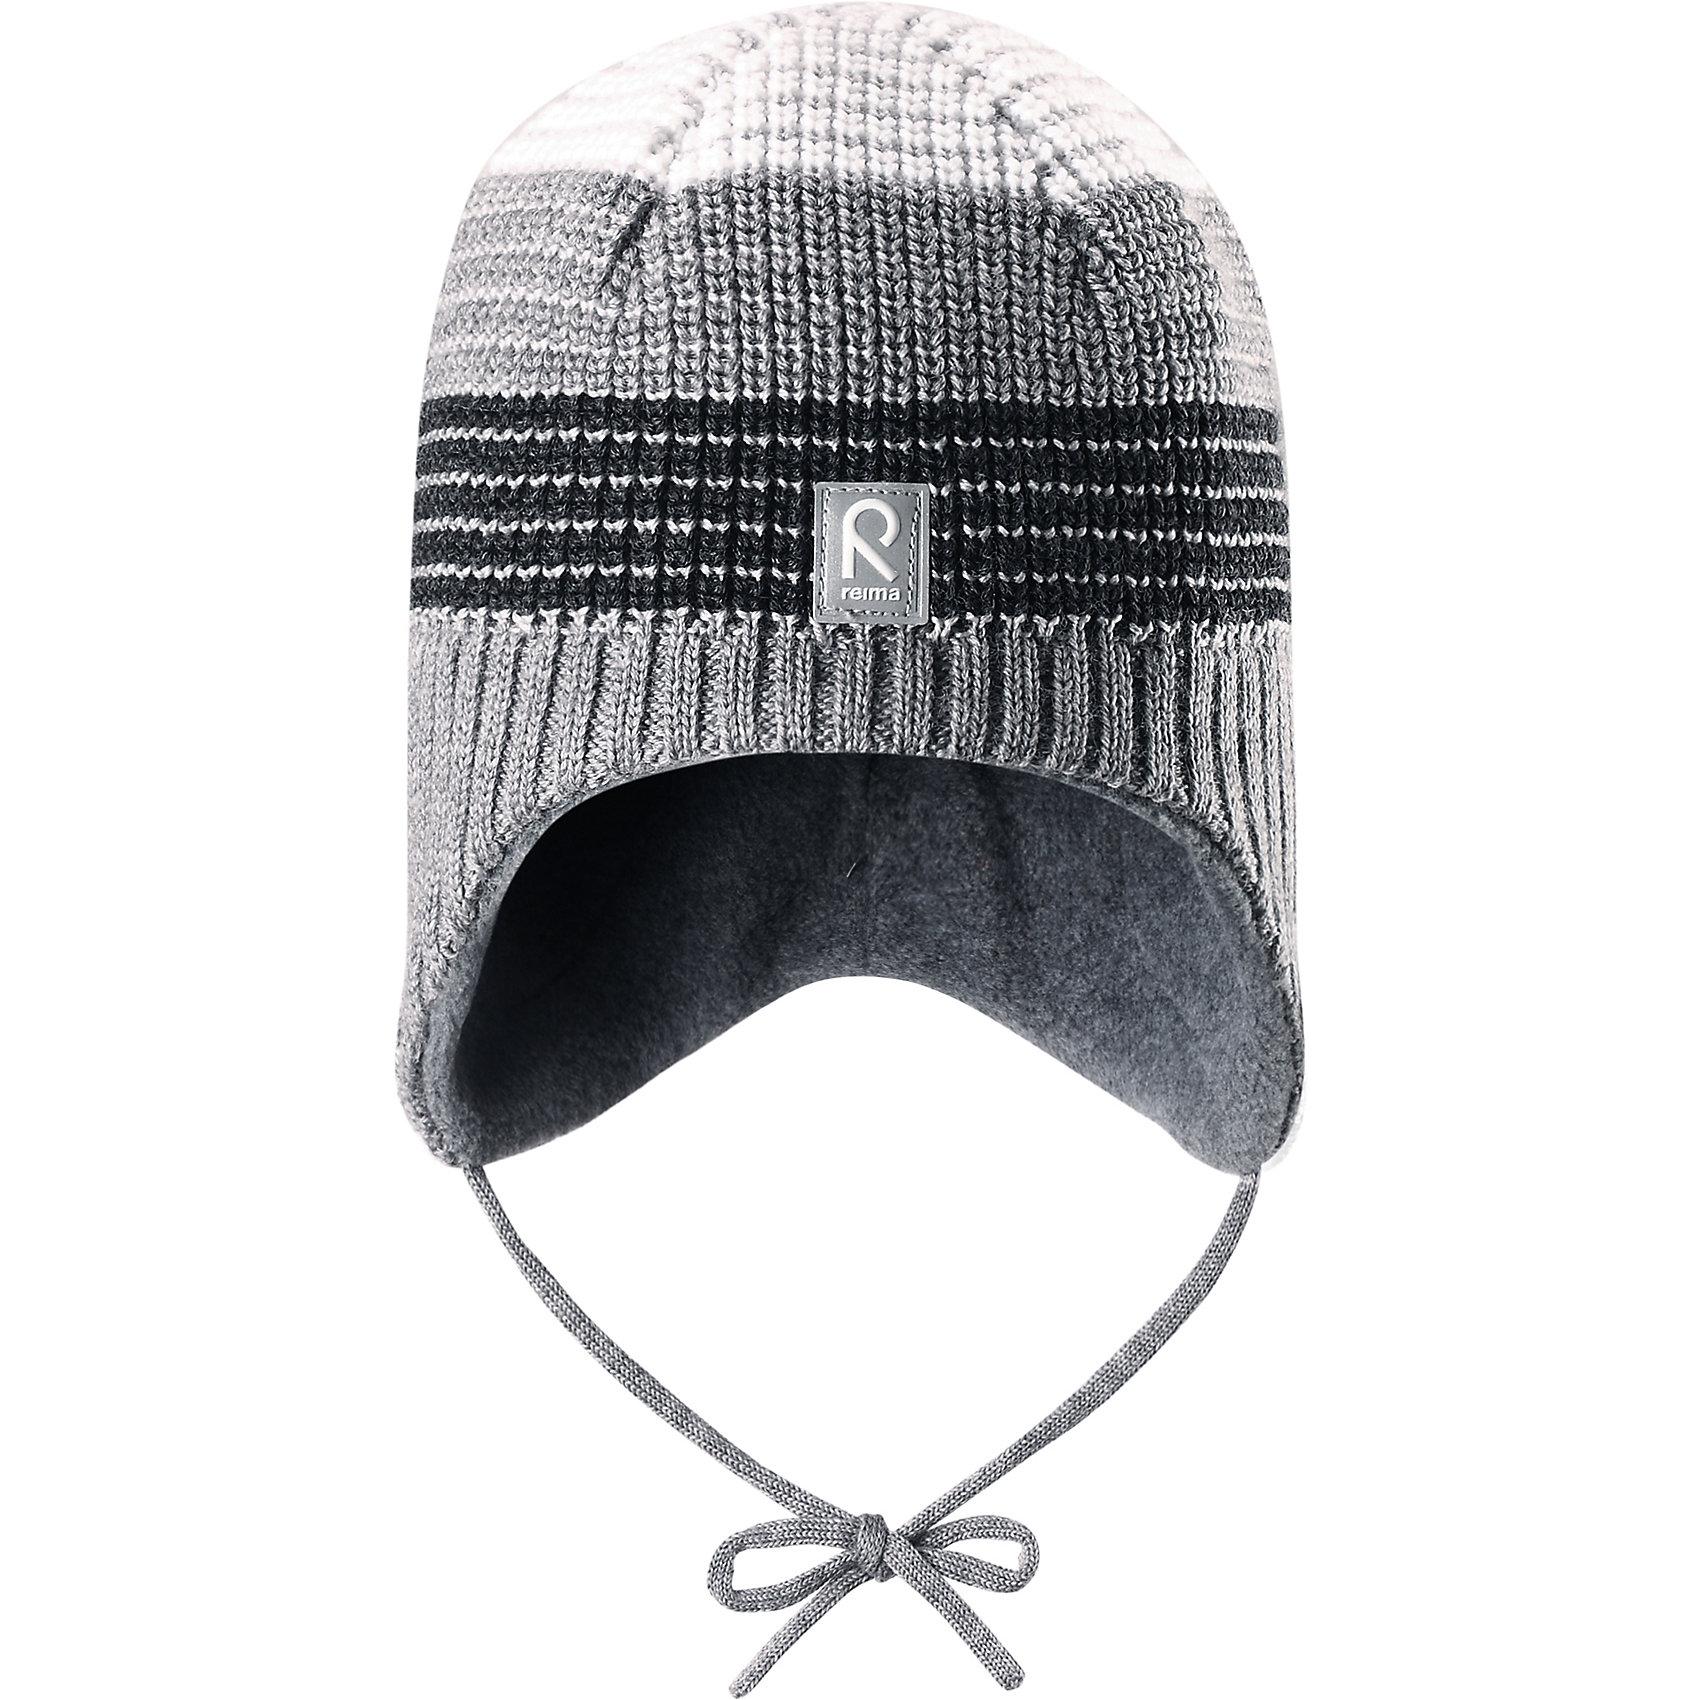 Шапка Tilava ReimaШапка  Reima<br>Шерстяная шапка «Бини» для детей и малышей. Мягкая ткань из мериносовой шерсти для поддержания идеальной температуры тела. Теплый толстый качественный трикотаж. Товар сертифицирован Oeko-Tex, класс 1, одежда для малышей. Ветронепроницаемые вставки в области ушей. Любые размеры. Мягкая теплая подкладка из поларфлиса. Скандинавский вязаный узор. Декоративные элементы сверху. Интересная структура поверхности. Светоотражающий элемент спереди.<br>Уход:<br>Стирать по отдельности, вывернув наизнанку. Придать первоначальную форму вo влажном виде. Возможна усадка 5 %.<br>Состав:<br>100% Шерсть<br><br>Ширина мм: 89<br>Глубина мм: 117<br>Высота мм: 44<br>Вес г: 155<br>Цвет: серый<br>Возраст от месяцев: 18<br>Возраст до месяцев: 36<br>Пол: Мужской<br>Возраст: Детский<br>Размер: 50,48,54,52<br>SKU: 4777272